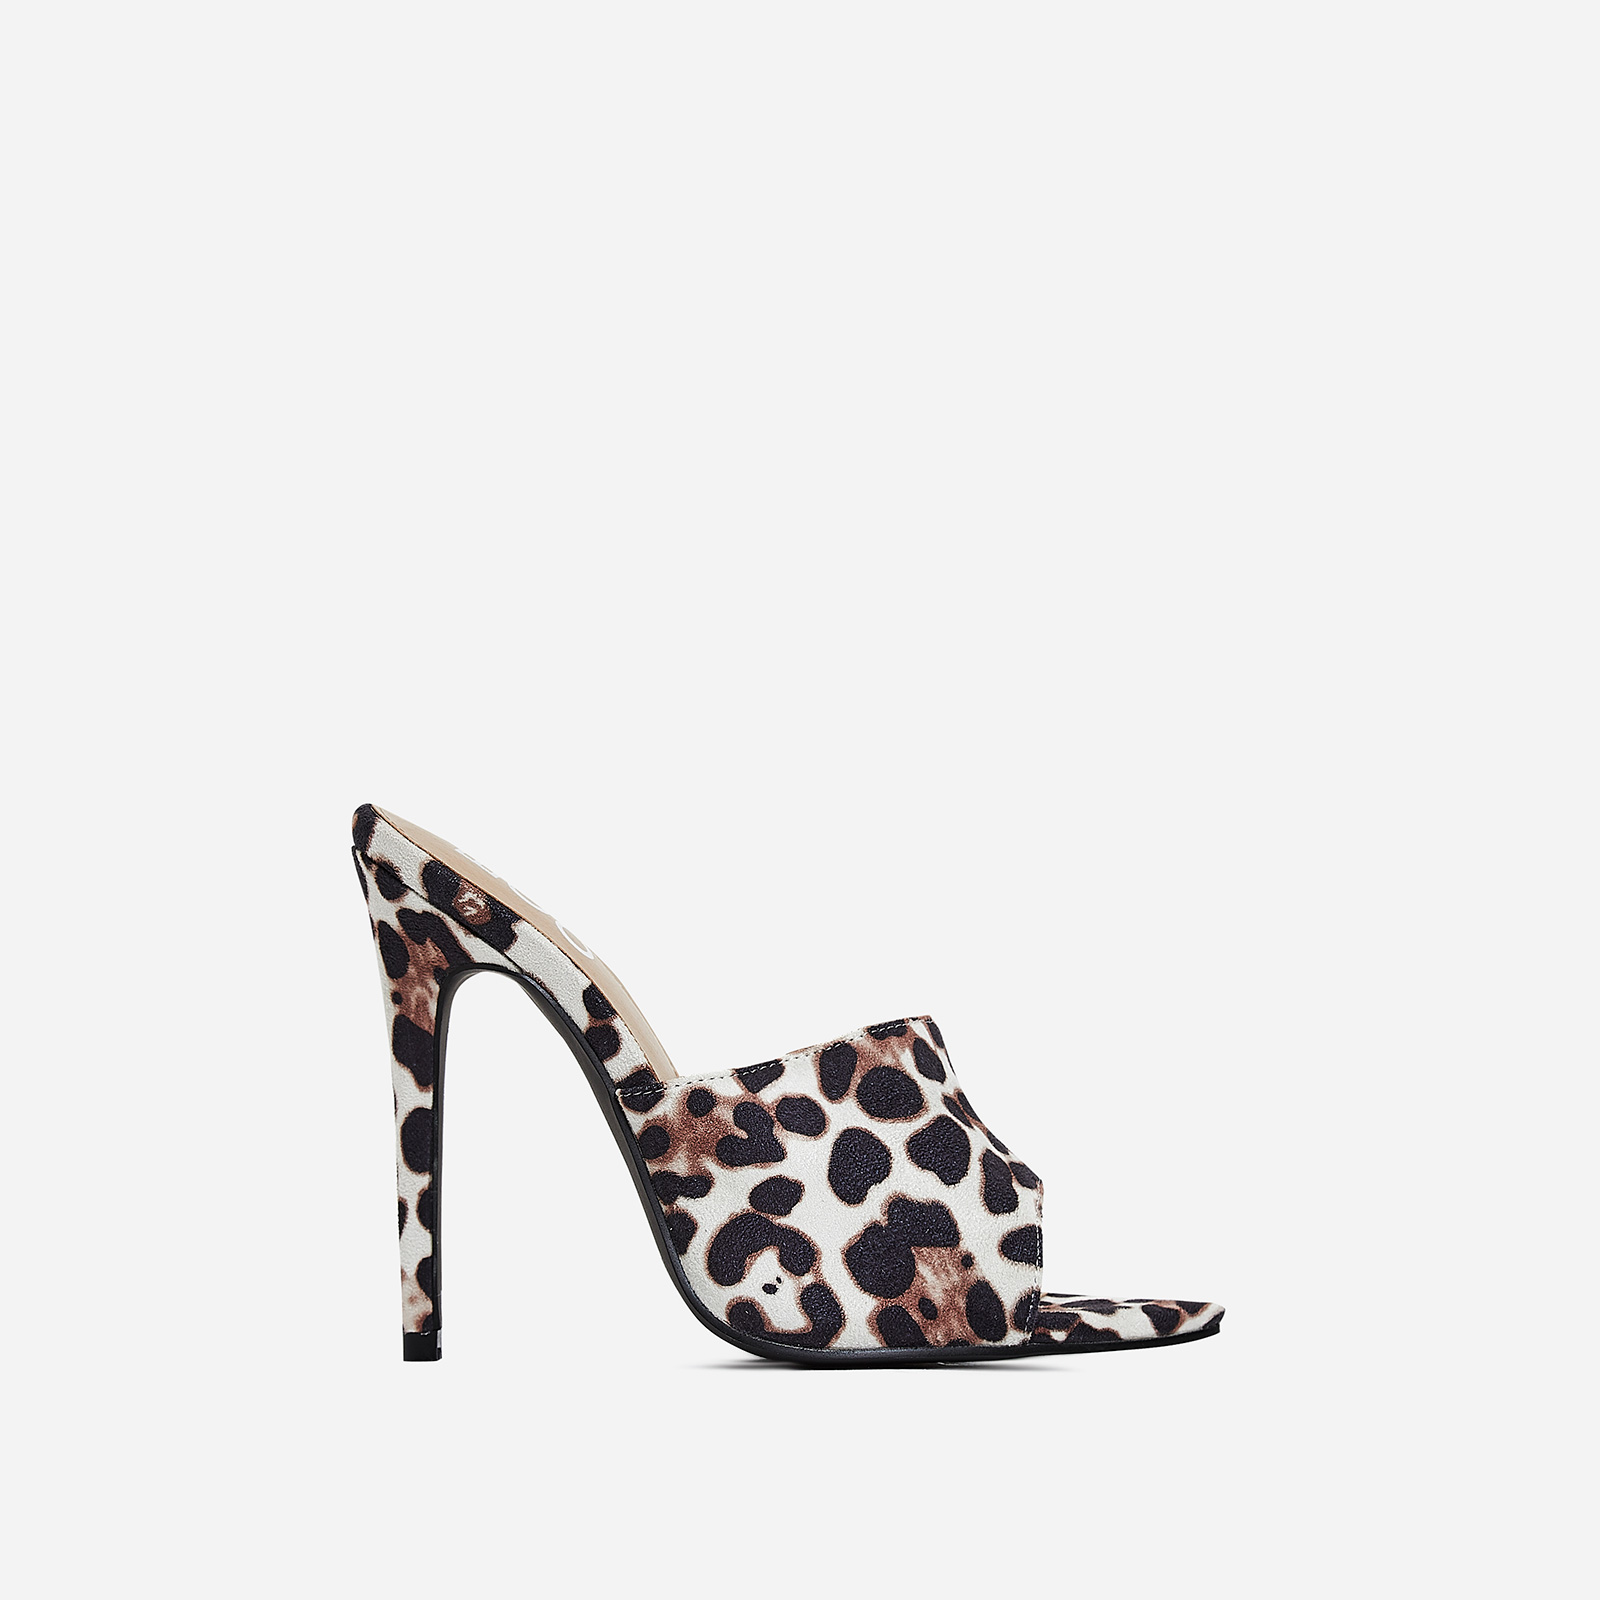 Zadie Pointed Peep Toe Heel Mule In White Leopard Print Faux Suede